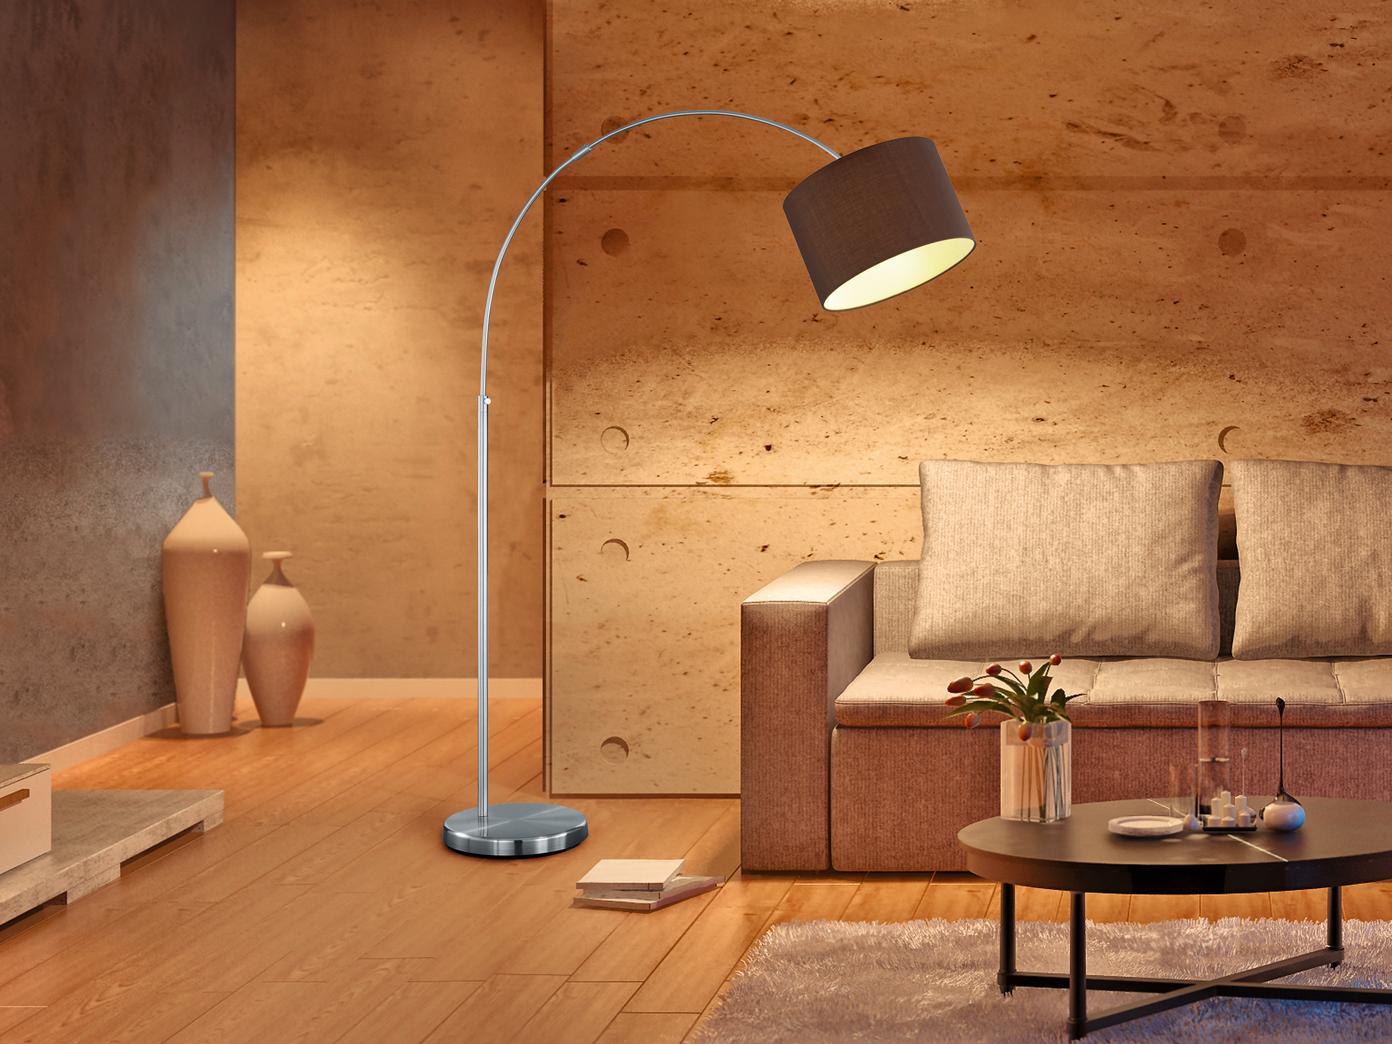 Design LED Bogenlampe Stoffschirm braun höhenverstellbar Stehlampe  Wohnzimmer - yatego.com